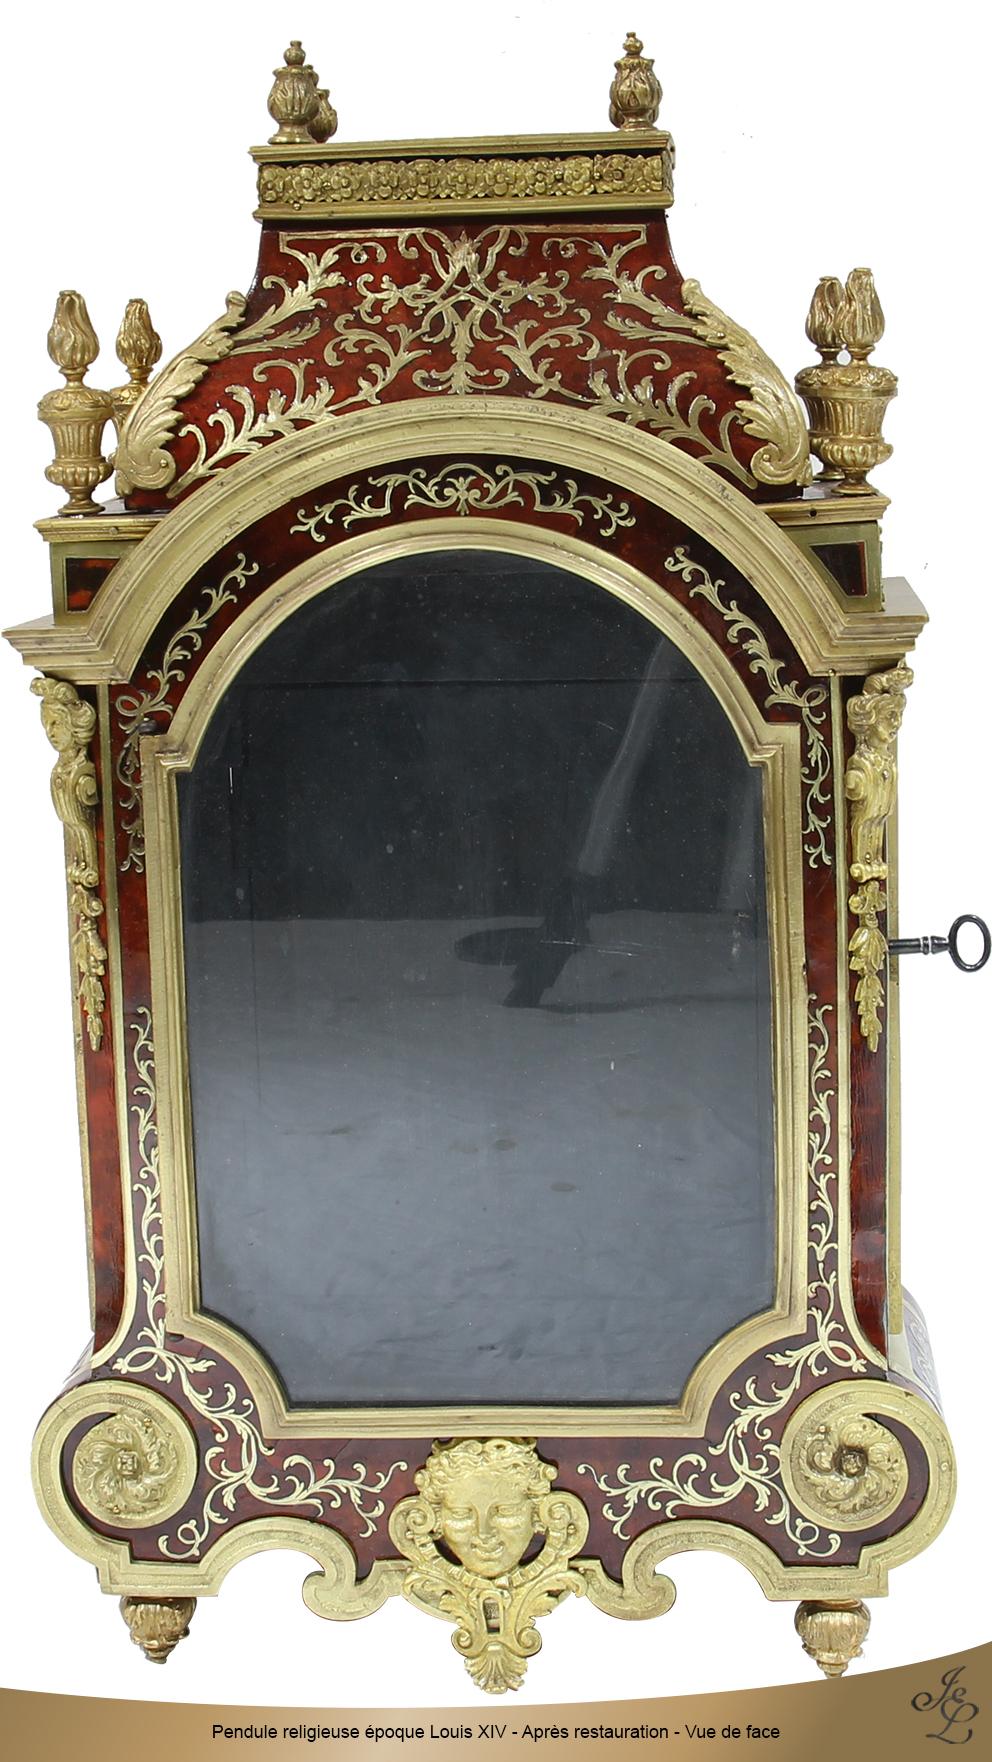 Pendule religieuse époque Louis XIV - Après restauration - Vue de face